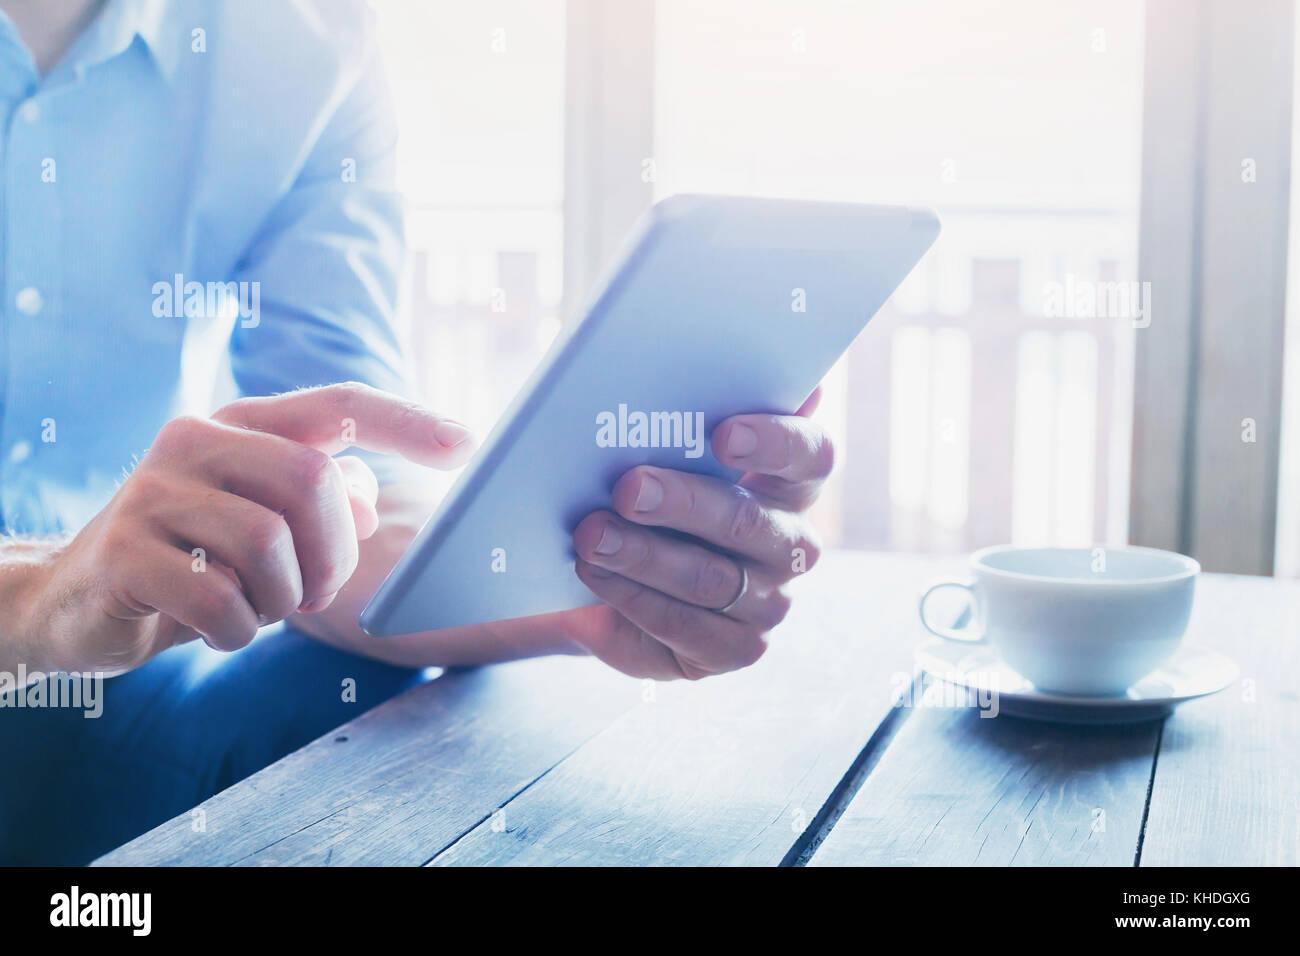 Menschen mit Technologien, in der Nähe der männlichen Händen mit digitalen Tablet PC-Gerät Stockbild